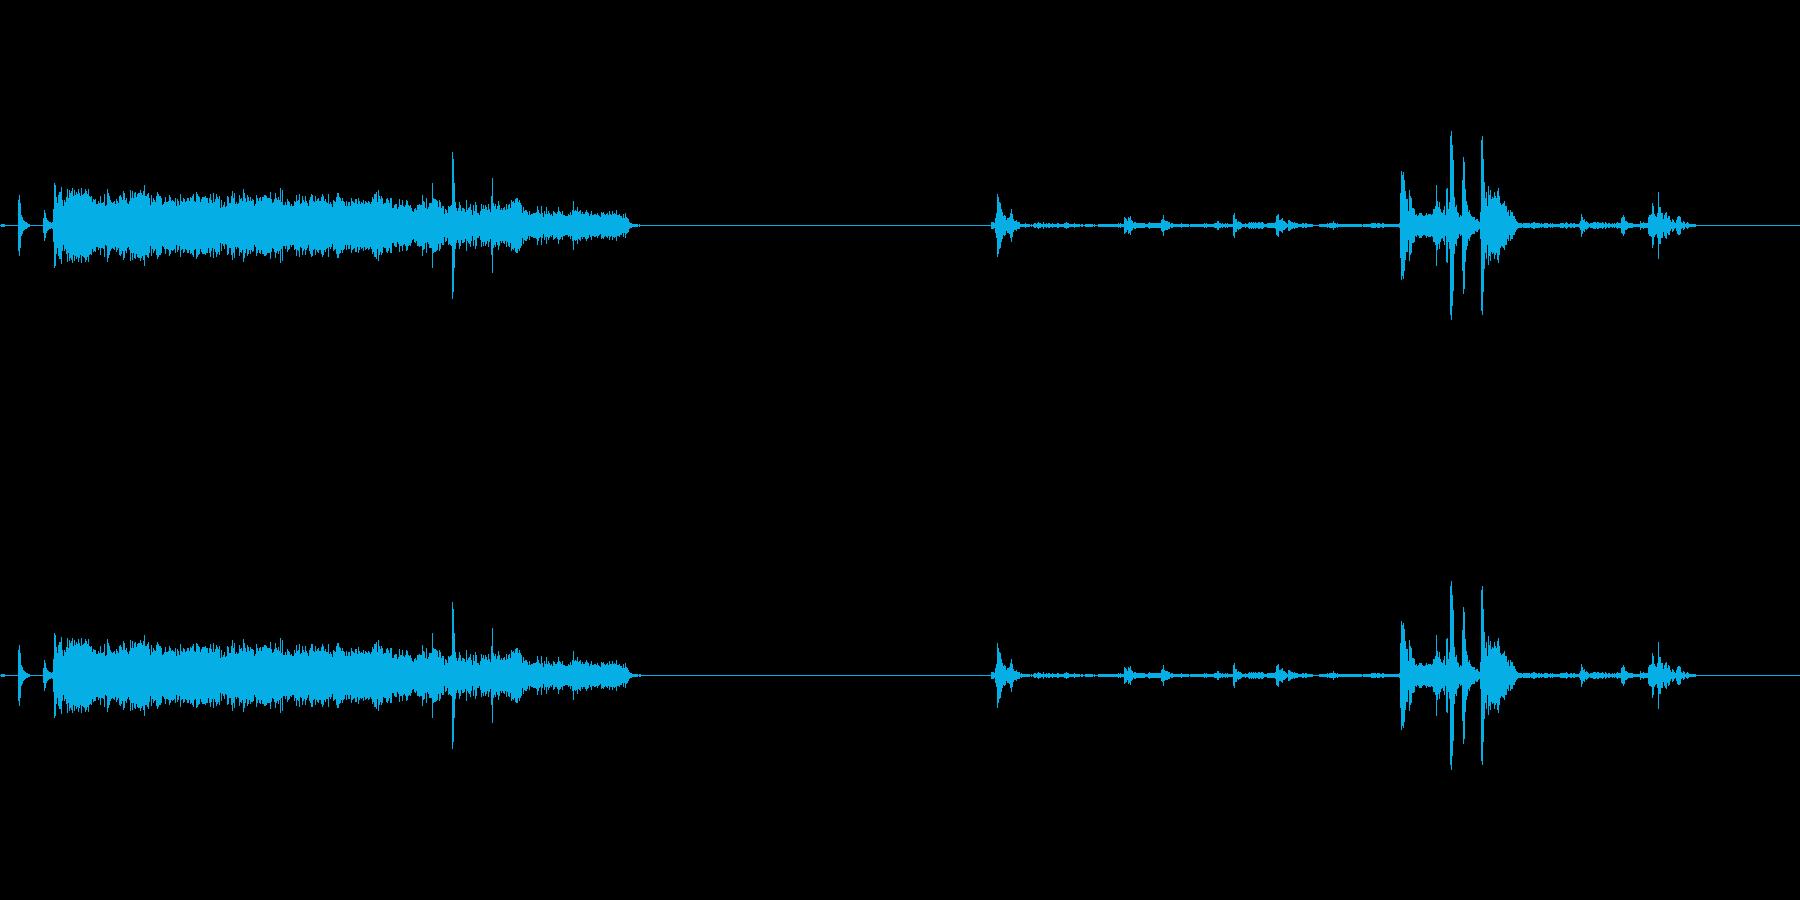 【プリンター01-3】の再生済みの波形